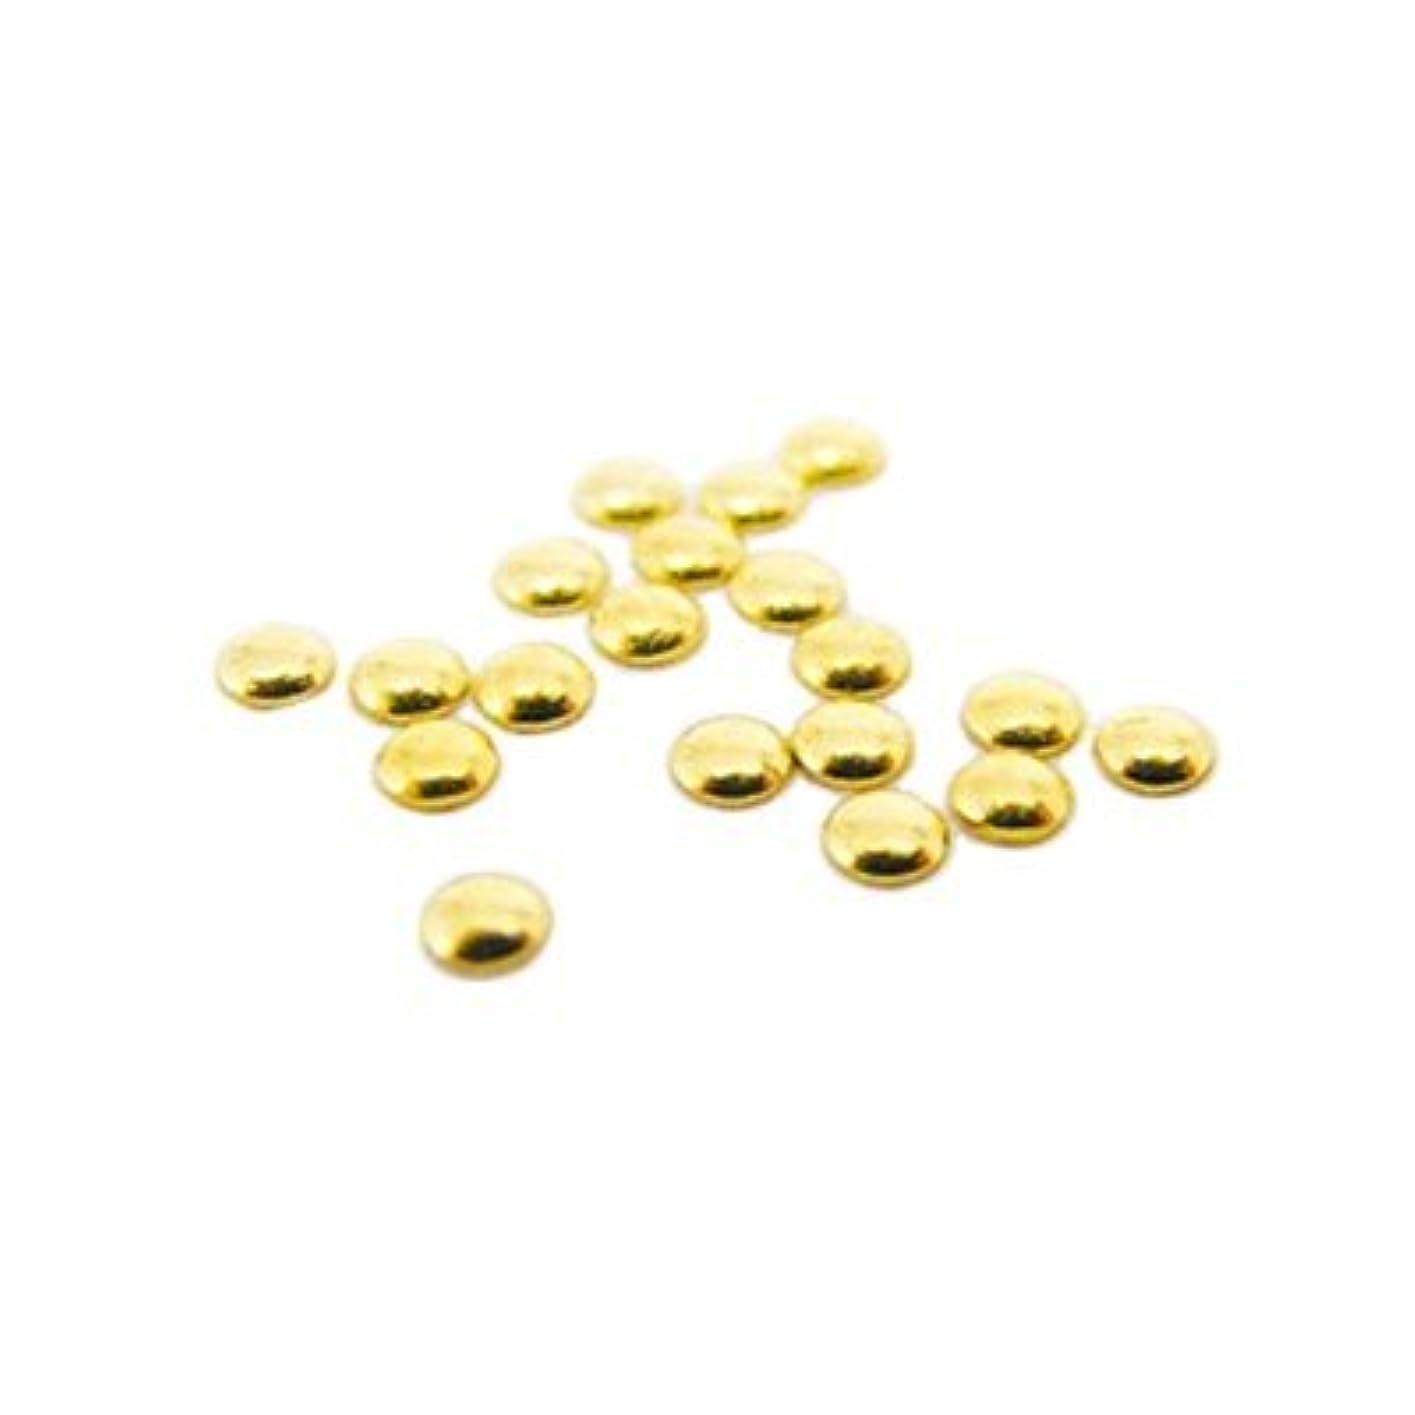 物理的に暗い練習したピアドラ スタッズ 2.0mm 50P ゴールド